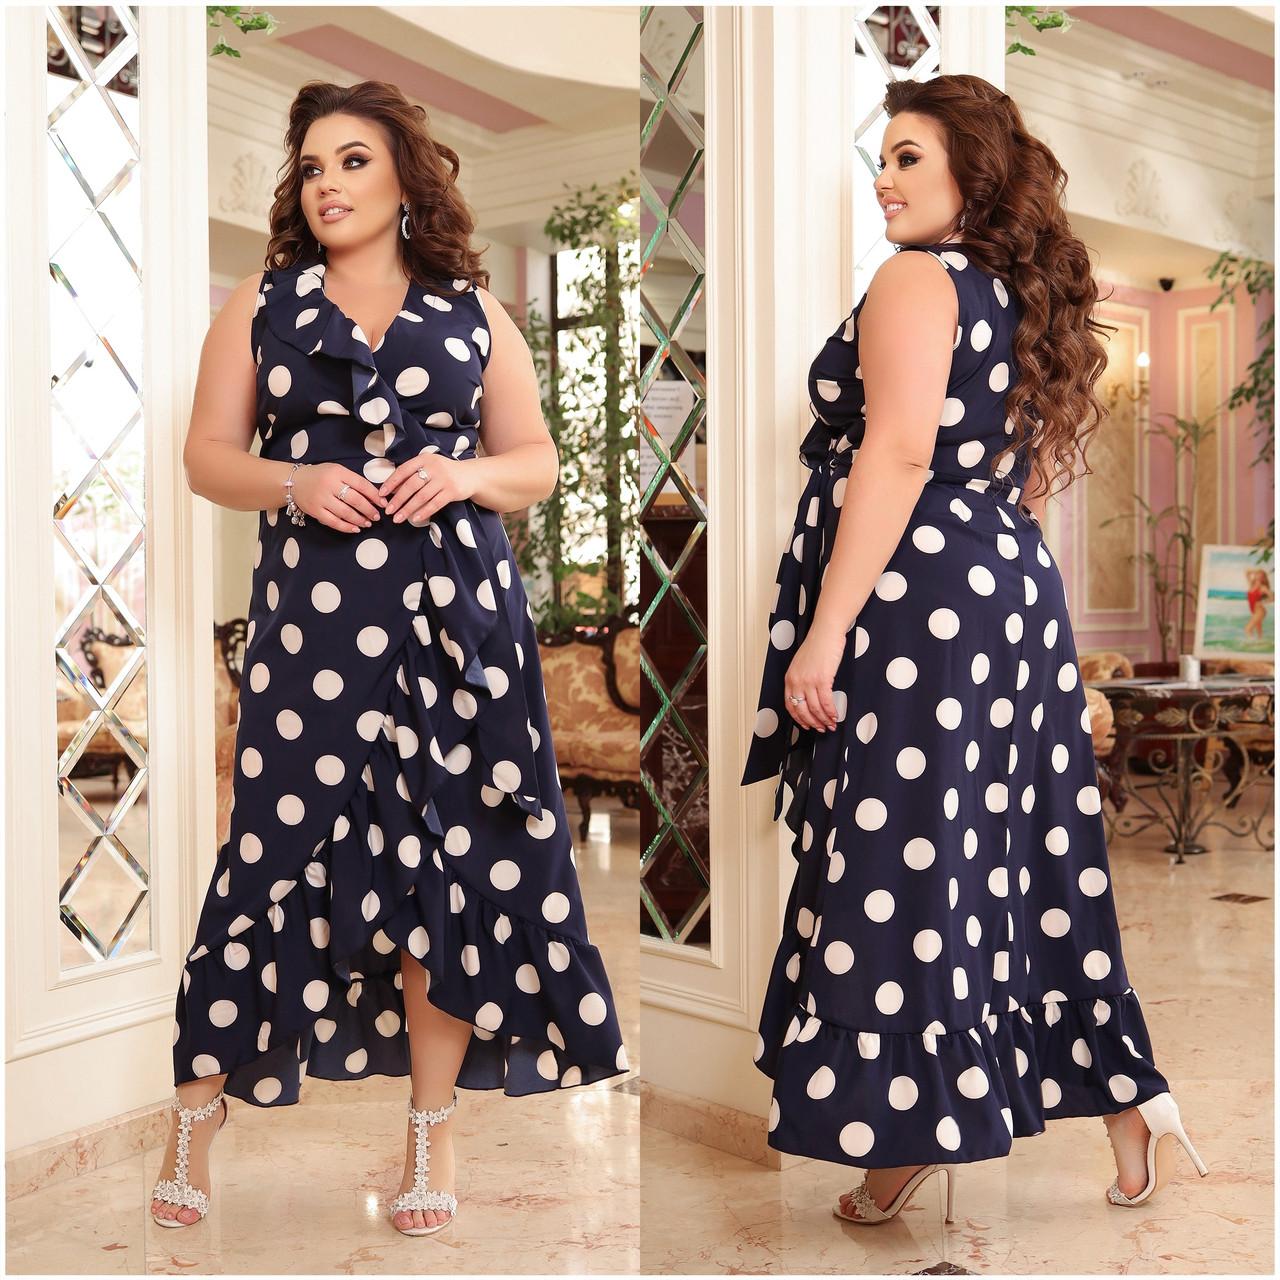 Плаття на запах з легкого софта в романтичному стилі тканина відмінно пропускає повітря